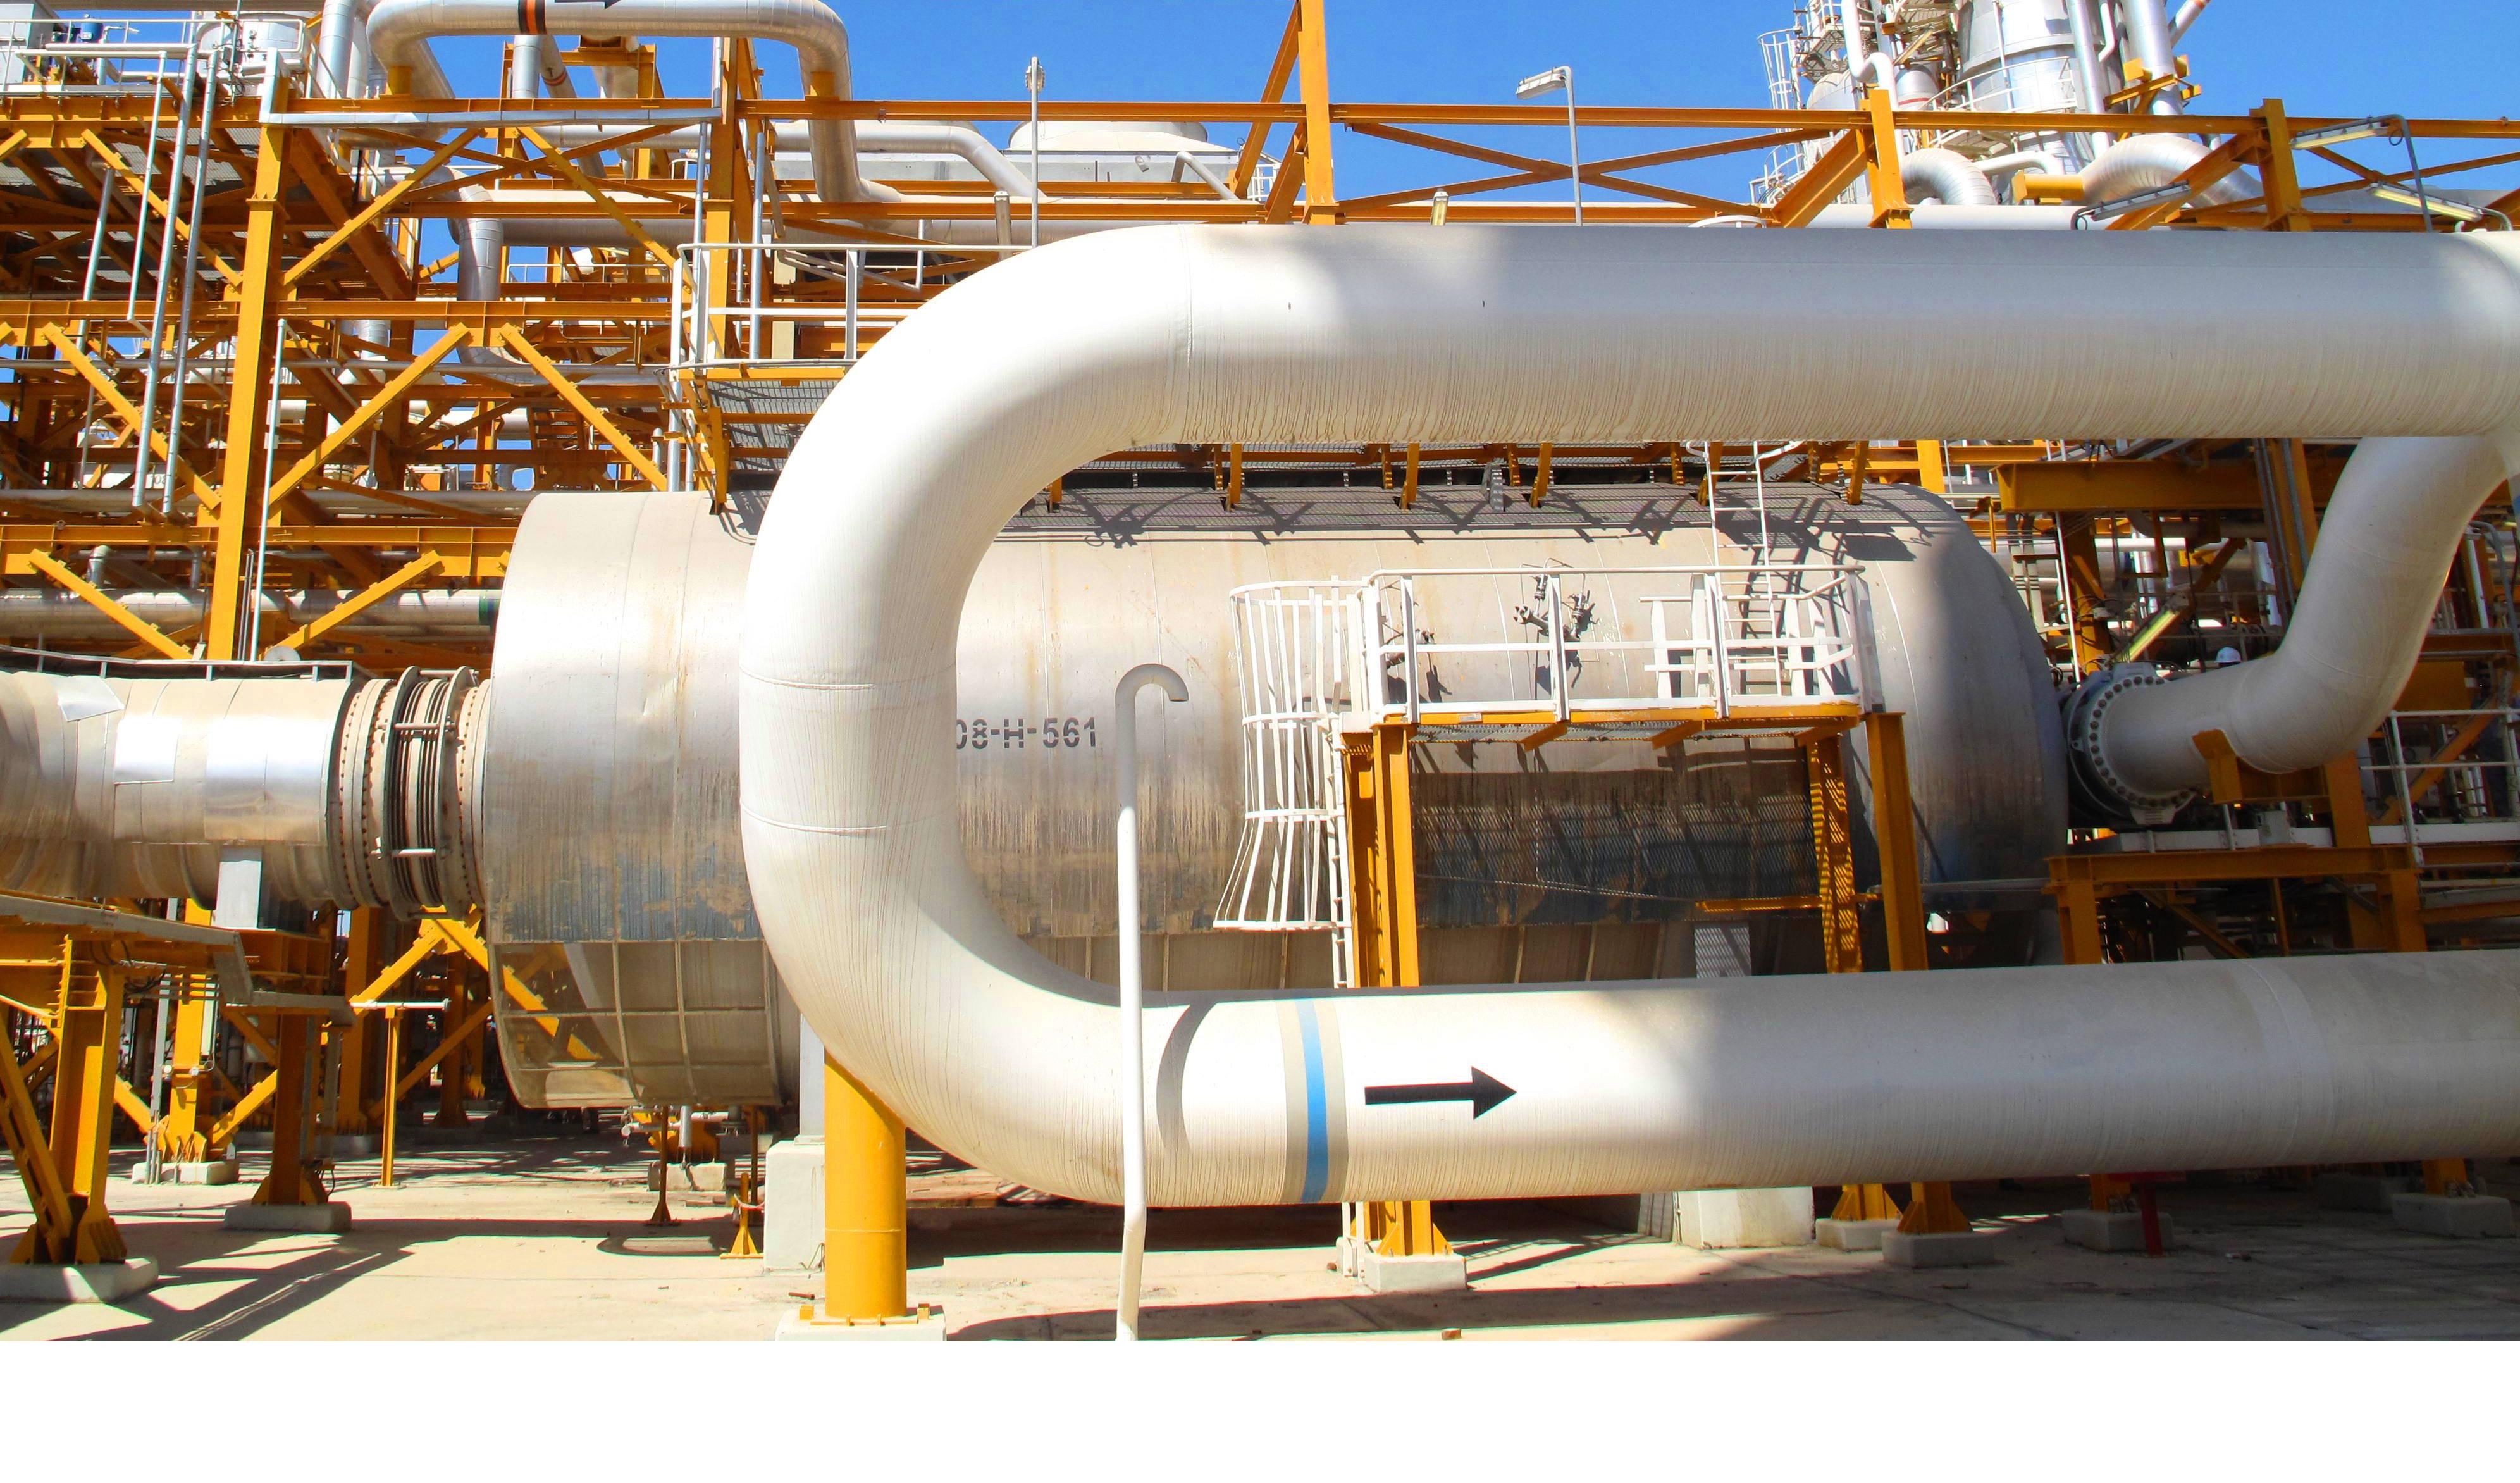 درآمد ۱۴۰ میلیون یورویی کشور از محل صادرات گاز مایع